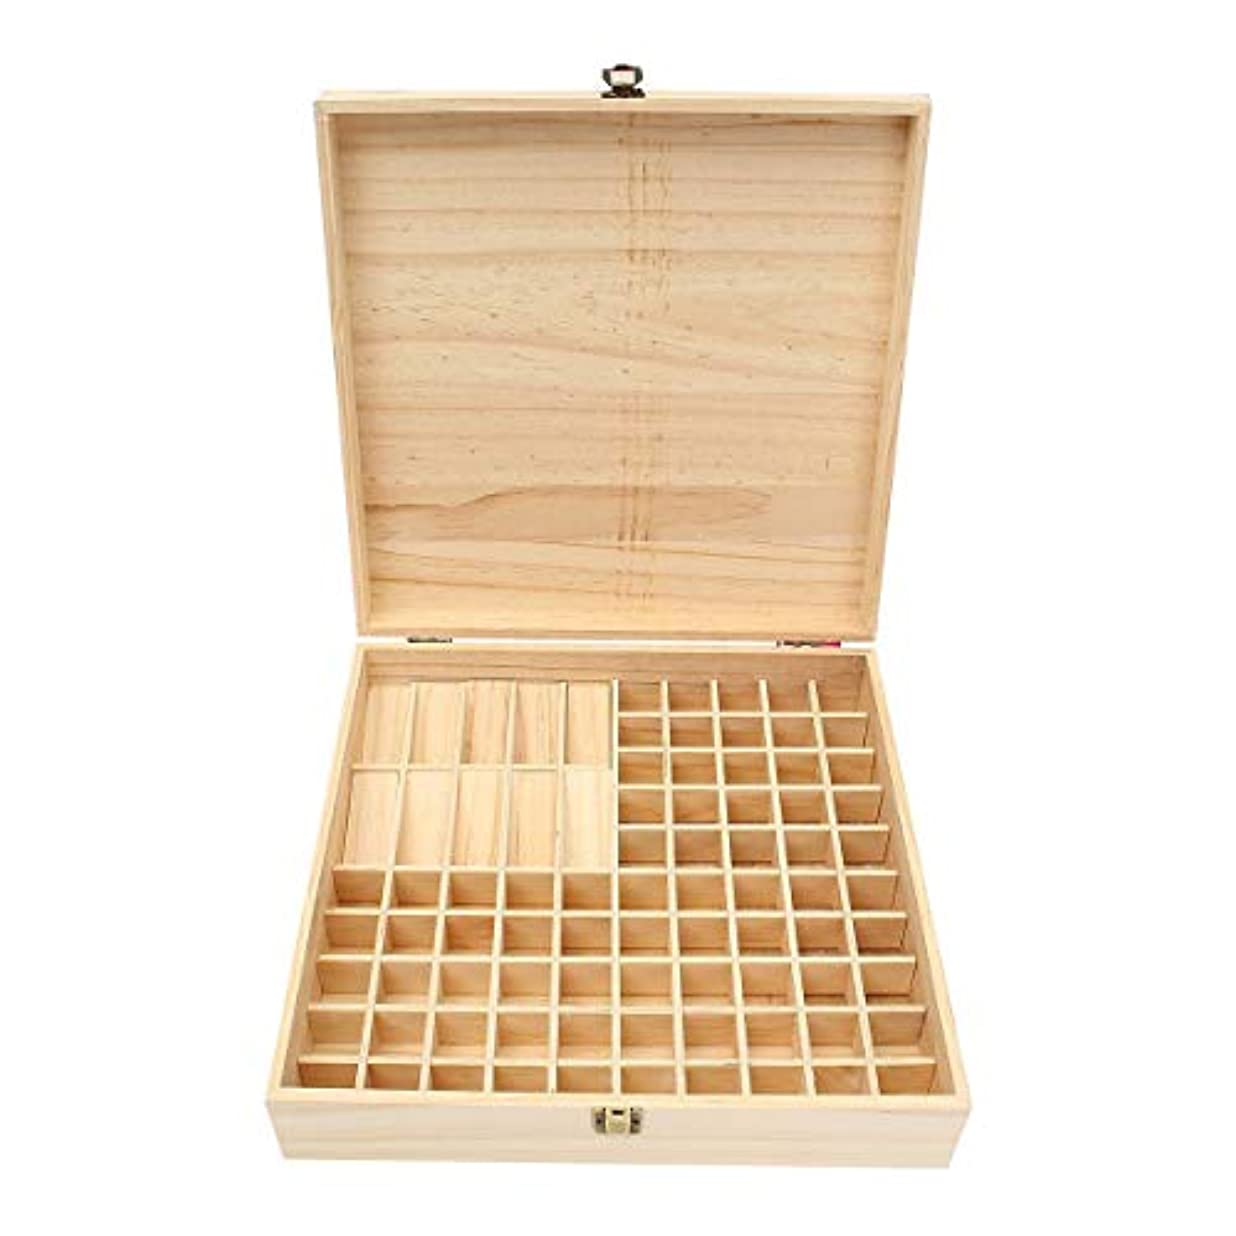 怠感ポンペイのりTINKSKY エッセンシャルオイルケース アロマケース 木製 アロマオイルスタンド 精油ボックス 精油収納 仕切りボックス 85本収納